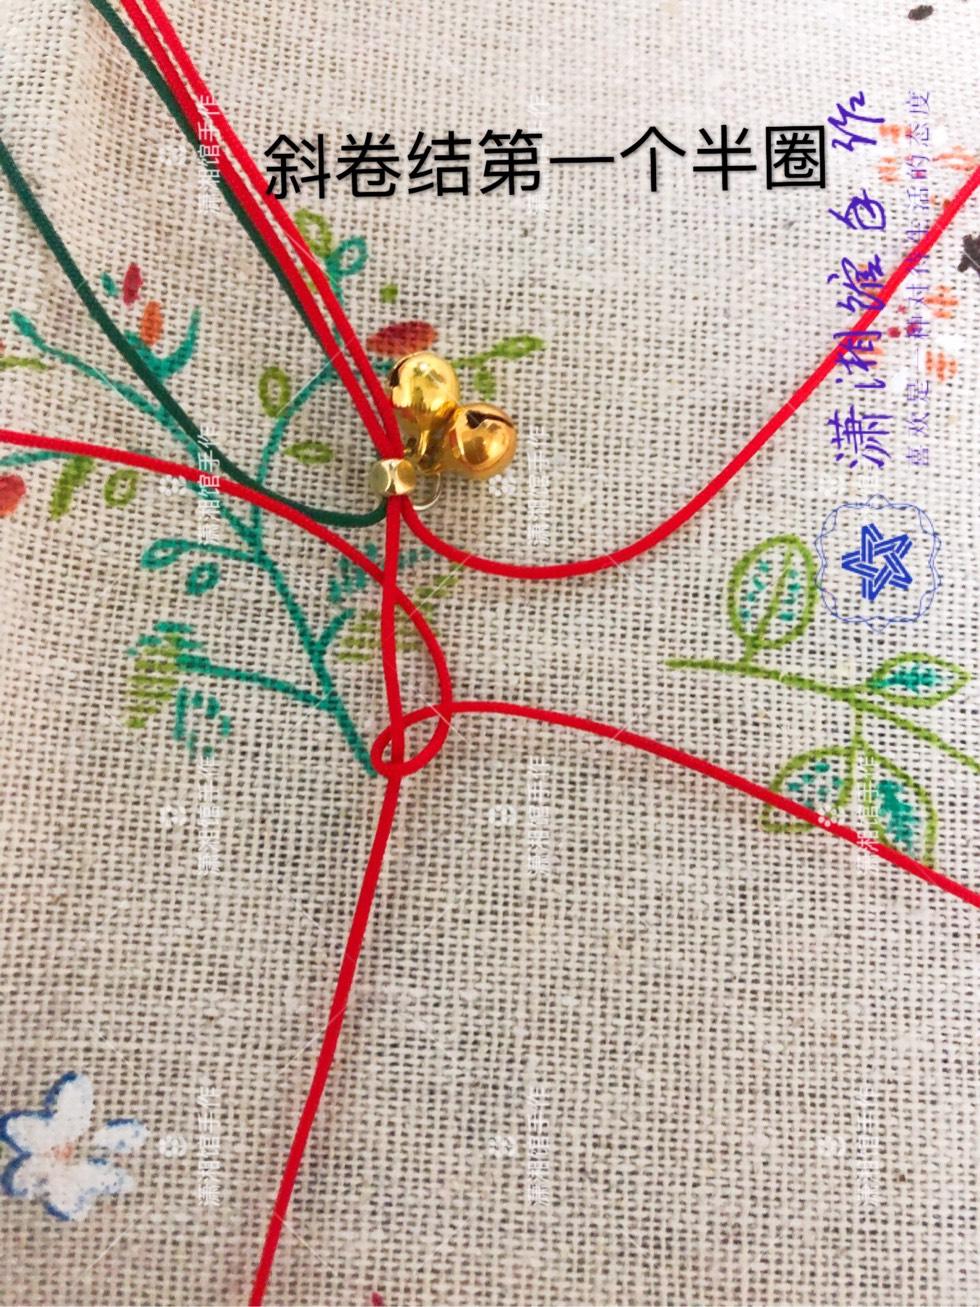 中国结论坛 圣诞节蝴蝶结手链  图文教程区 114819mp17bbdrrrigzb1a